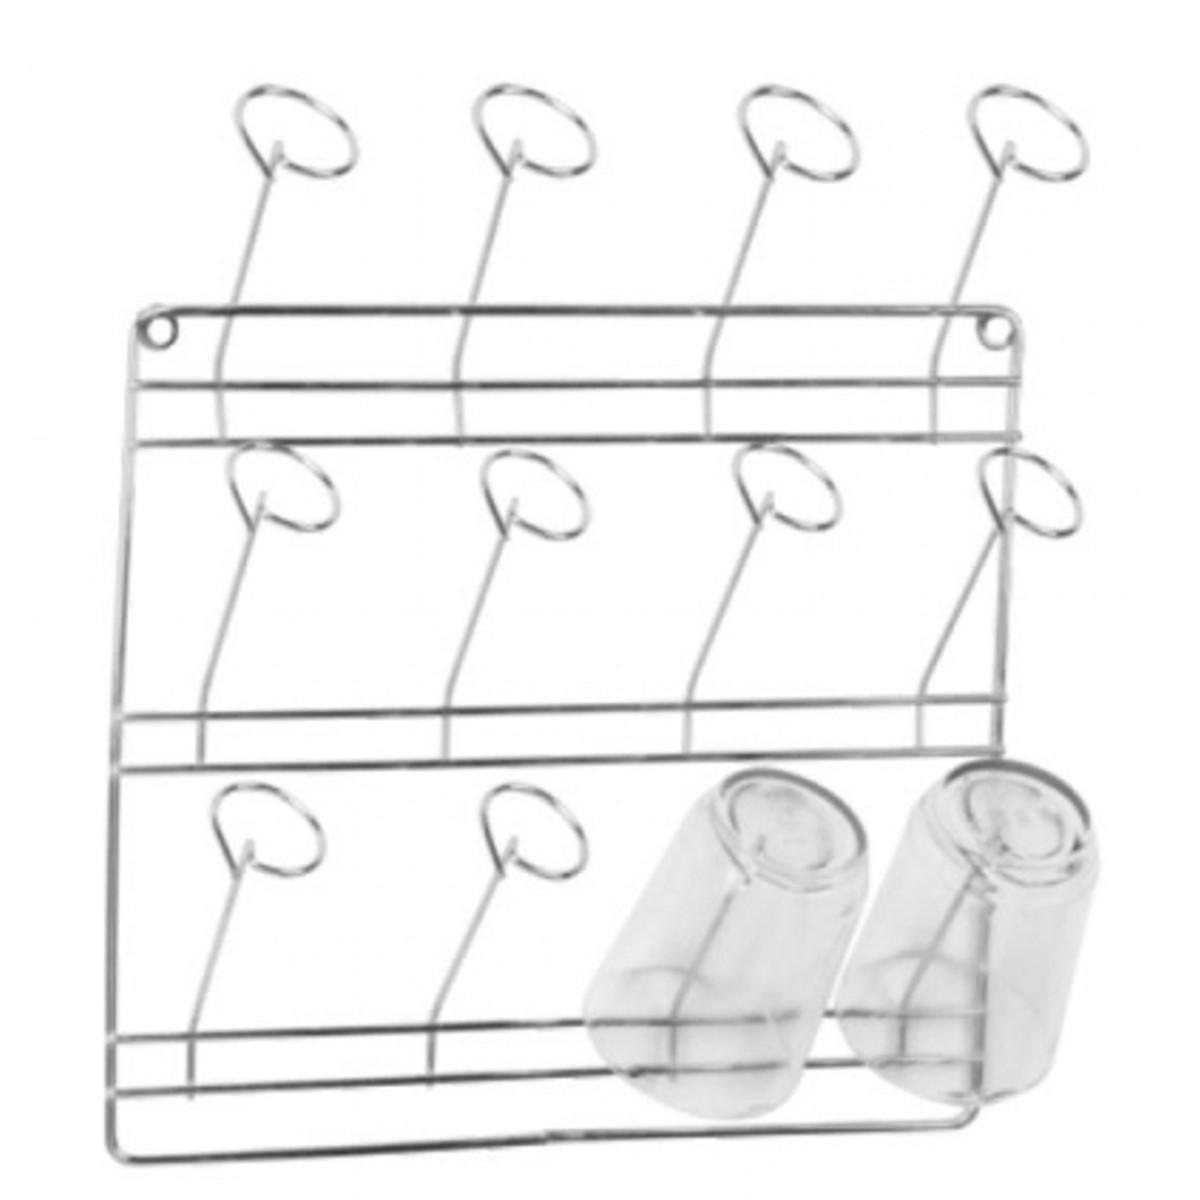 Escorredor De Copos De Parede Com Capacidade Para 12 Copos  - Panela de Ferro Fundido